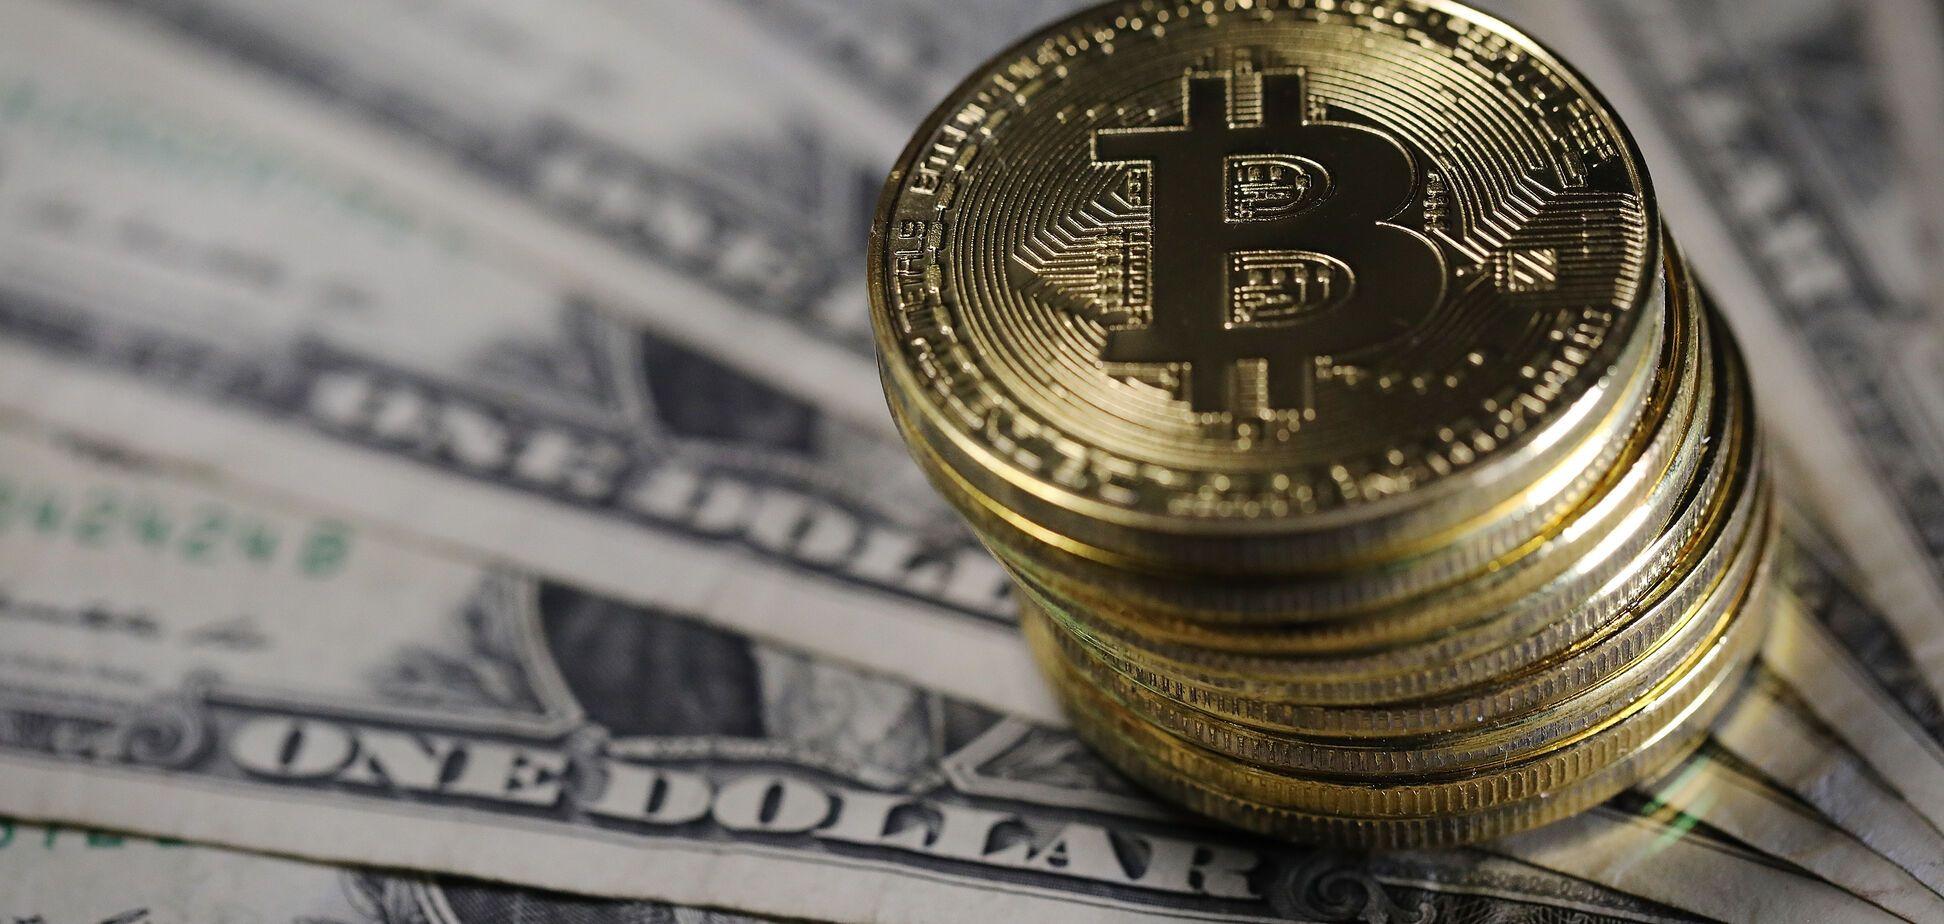 Биткоин – не пузырь: на Западе рассказали о начале новой финансовой эры